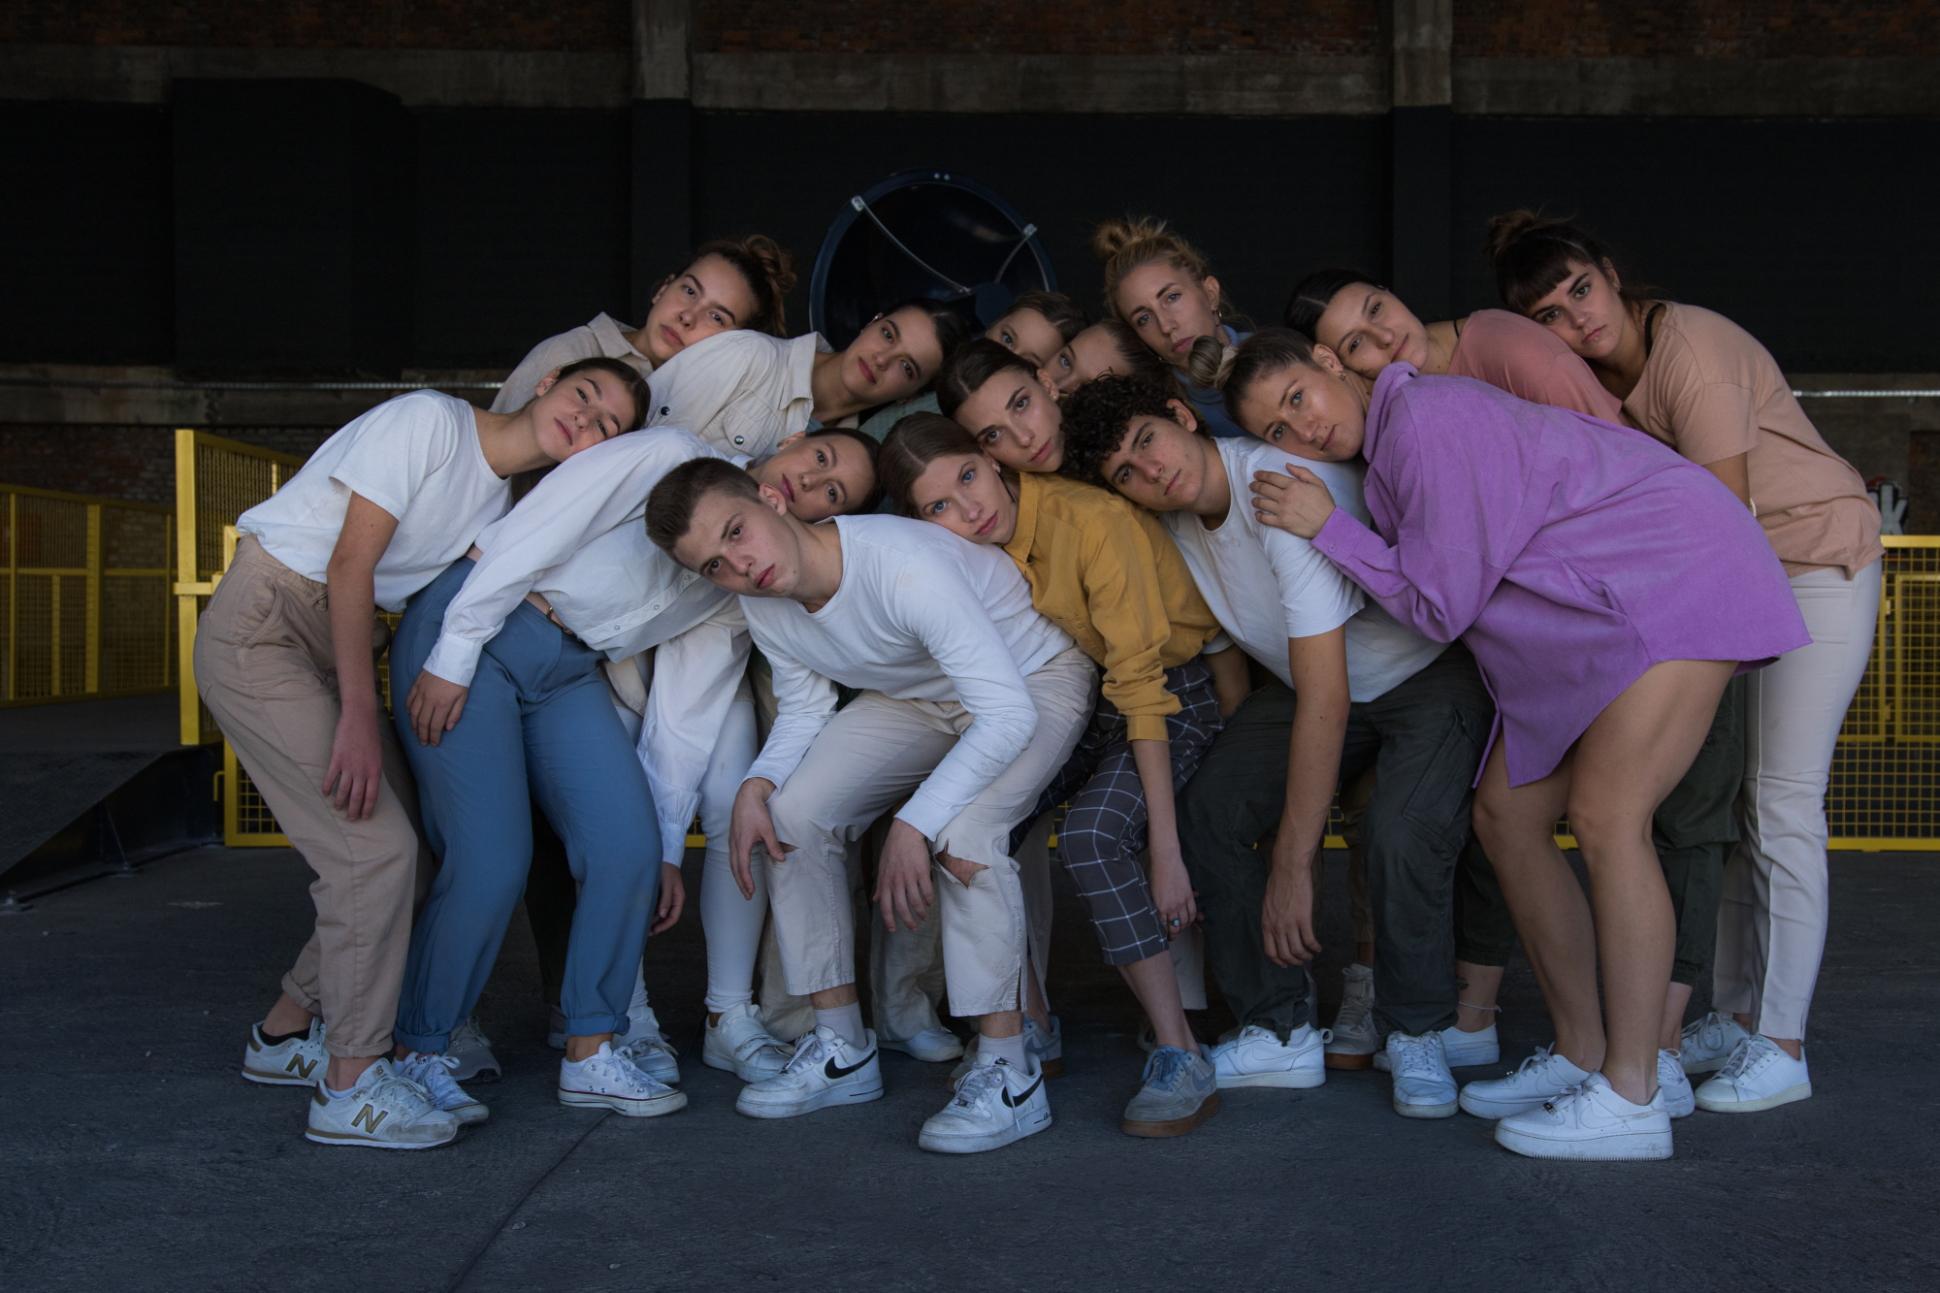 """Kristina Paunovski, """"Kekica"""": """"Bitno nam je da kroz ples potaknemo i razvoj kvalitetnih ljudskih vrijednosti, od odnosa prema sebi, jedni prema drugima..."""""""